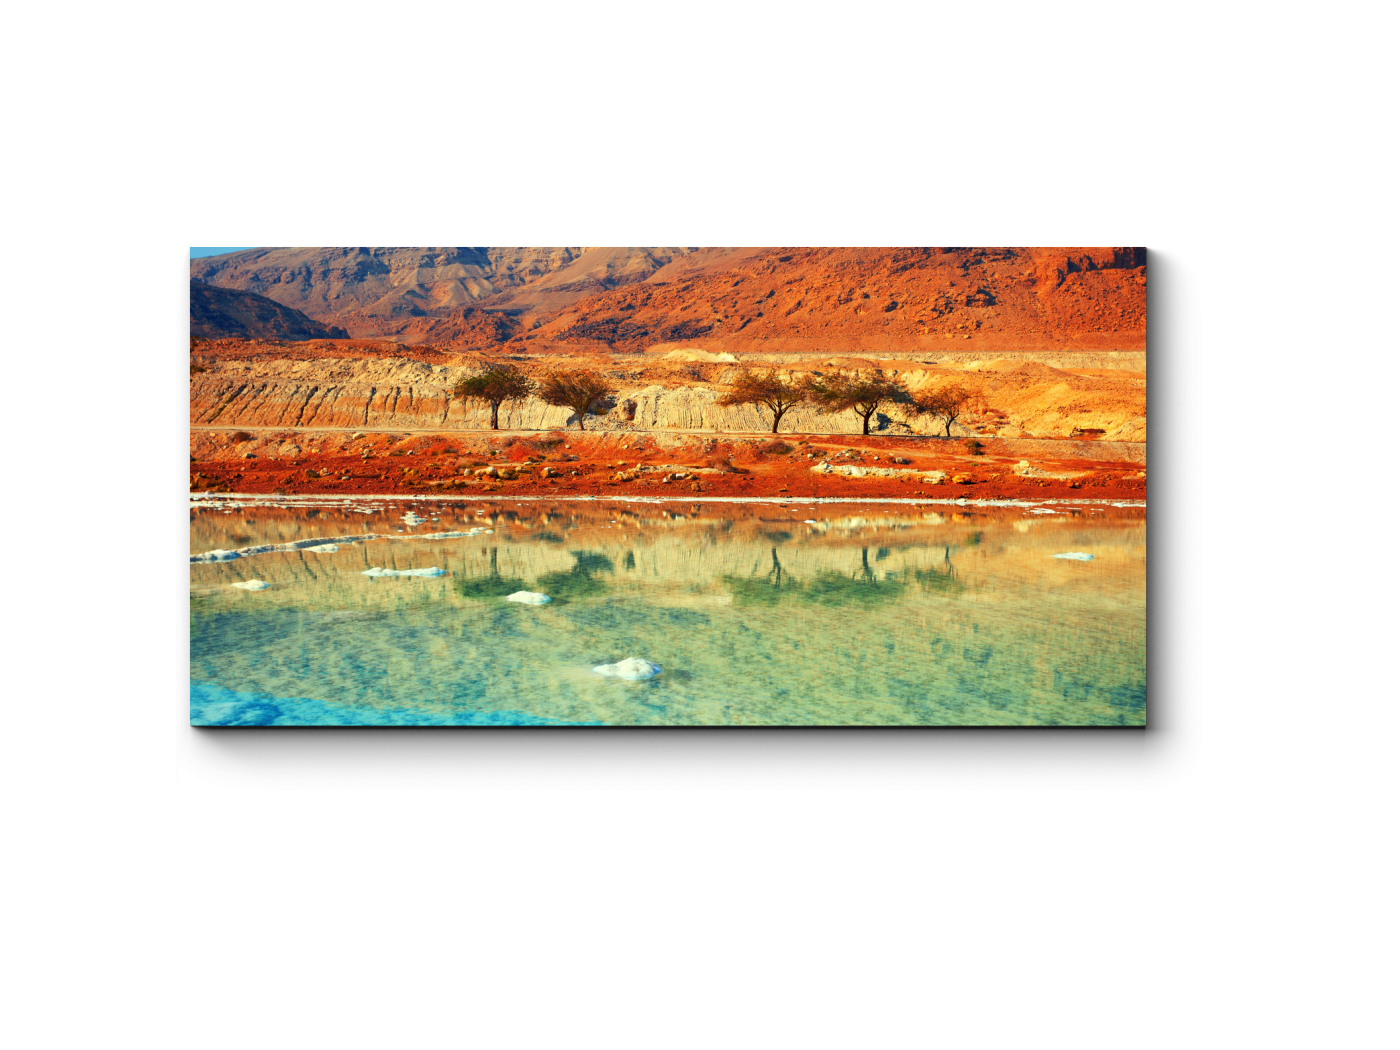 Модульная картина Мертвое море (40x20) фото